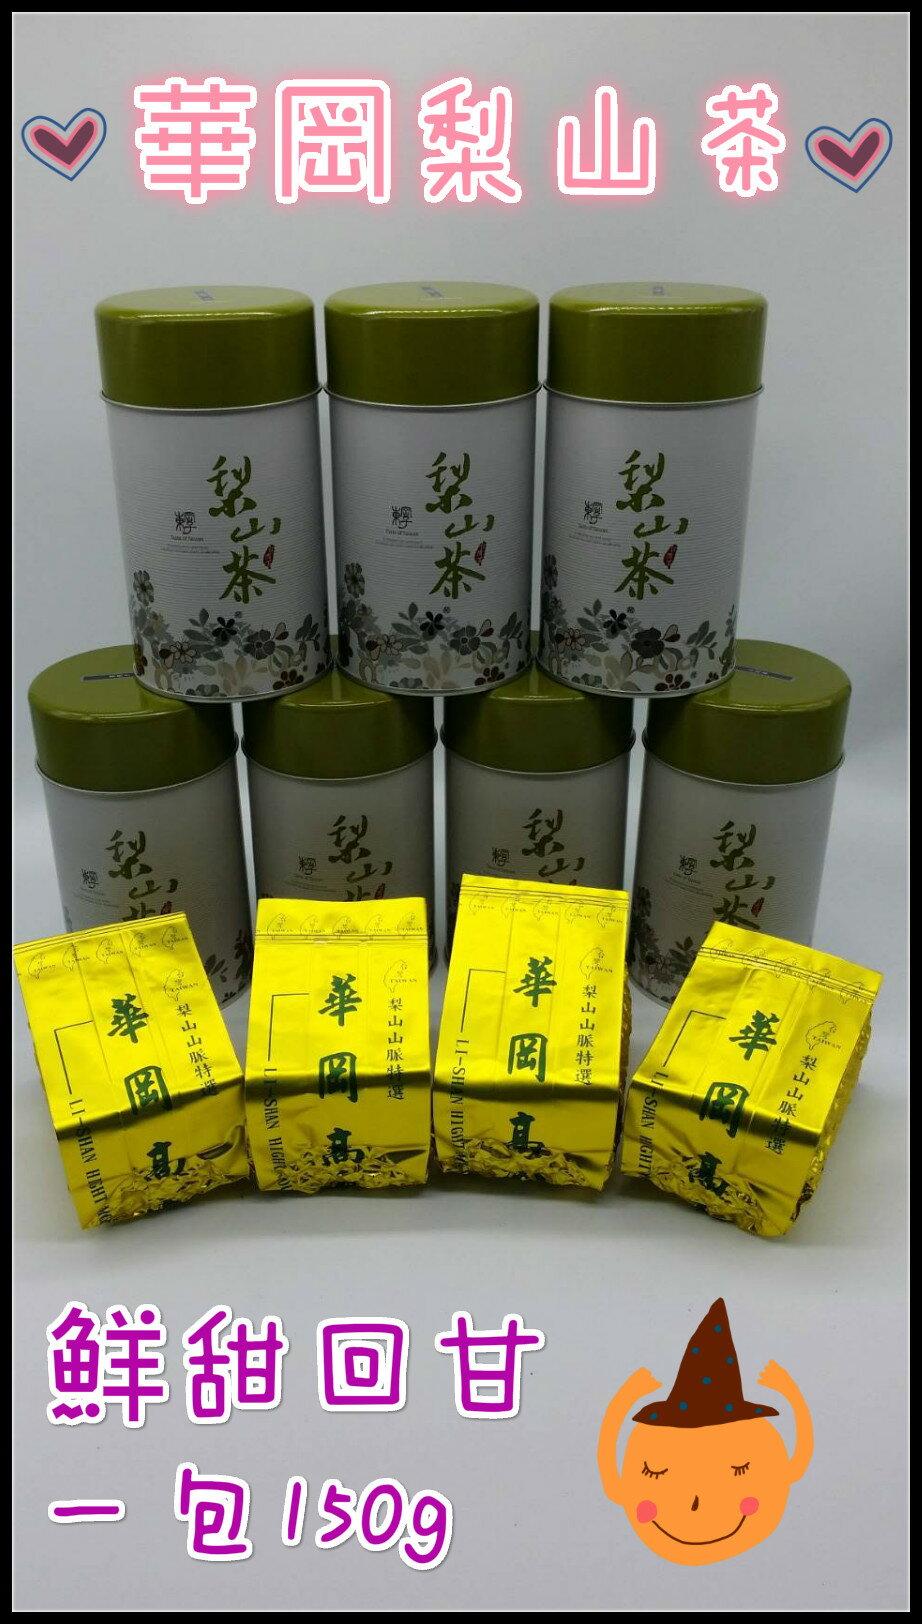 支持台灣小農 華岡梨山茶 一包150克 茶香 茶農 華岡 梨山茶 高山茶 綠茶 烏龍茶 紅茶 青茶